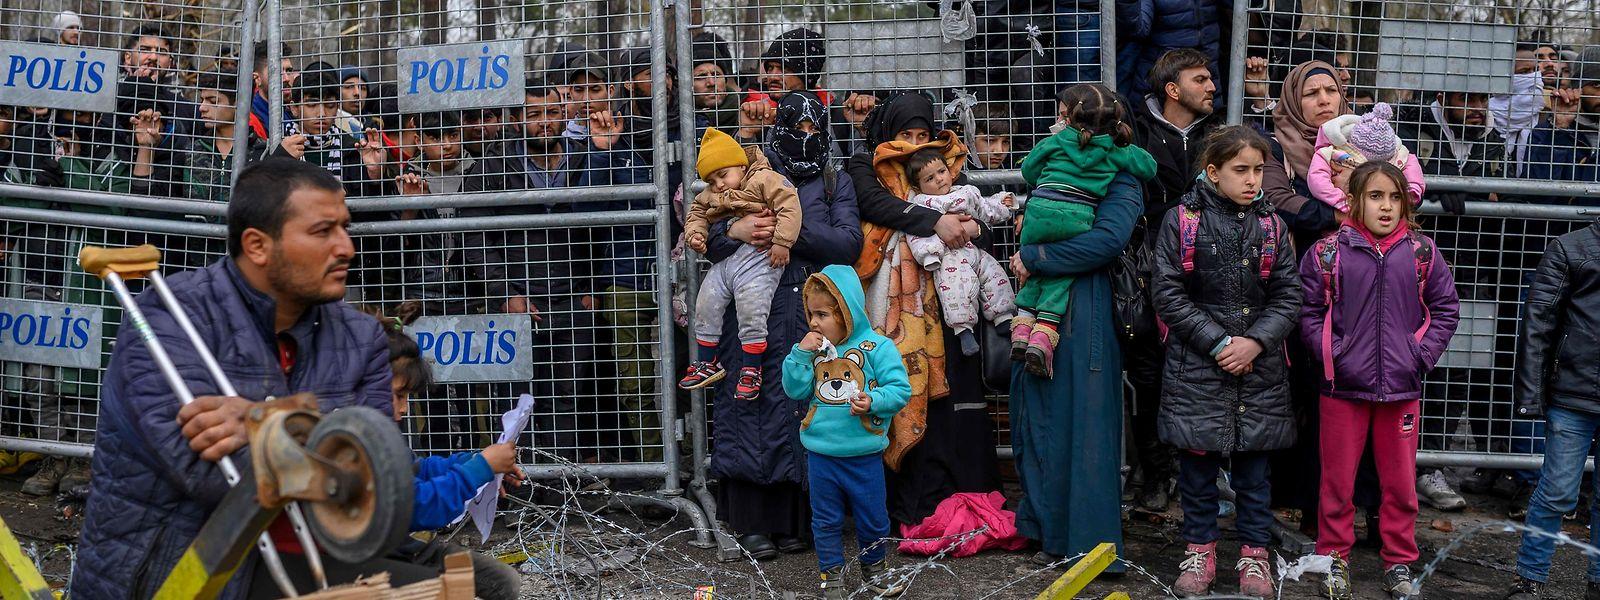 Die Türkei hat 3,6 Millionen Menschen auf der Flucht aufgenommen.